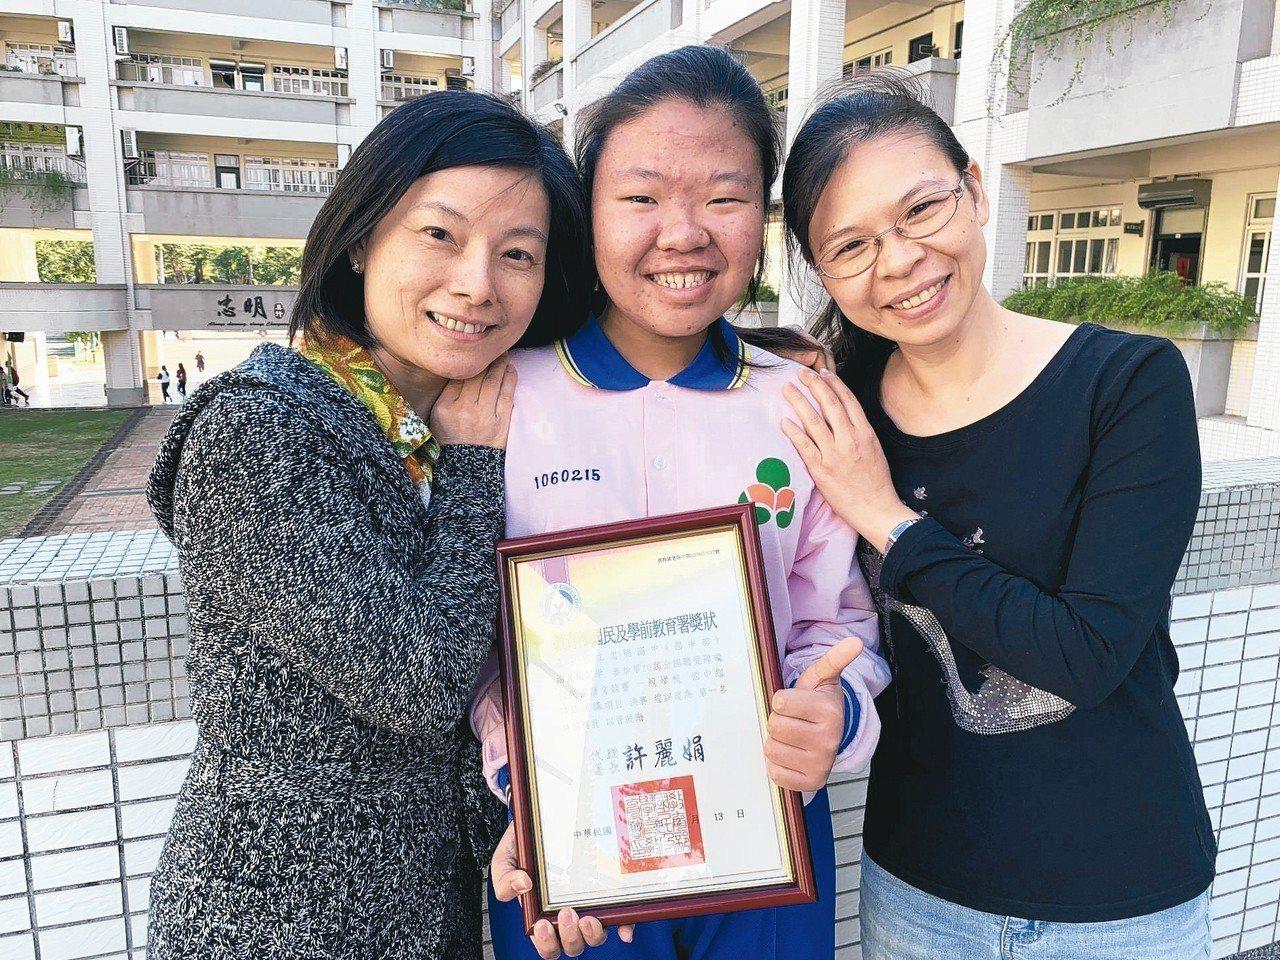 忠明高中國二學生游昱玟(中)聽障,從小裝電子耳學習說話、口語表達,今年參加全國身...